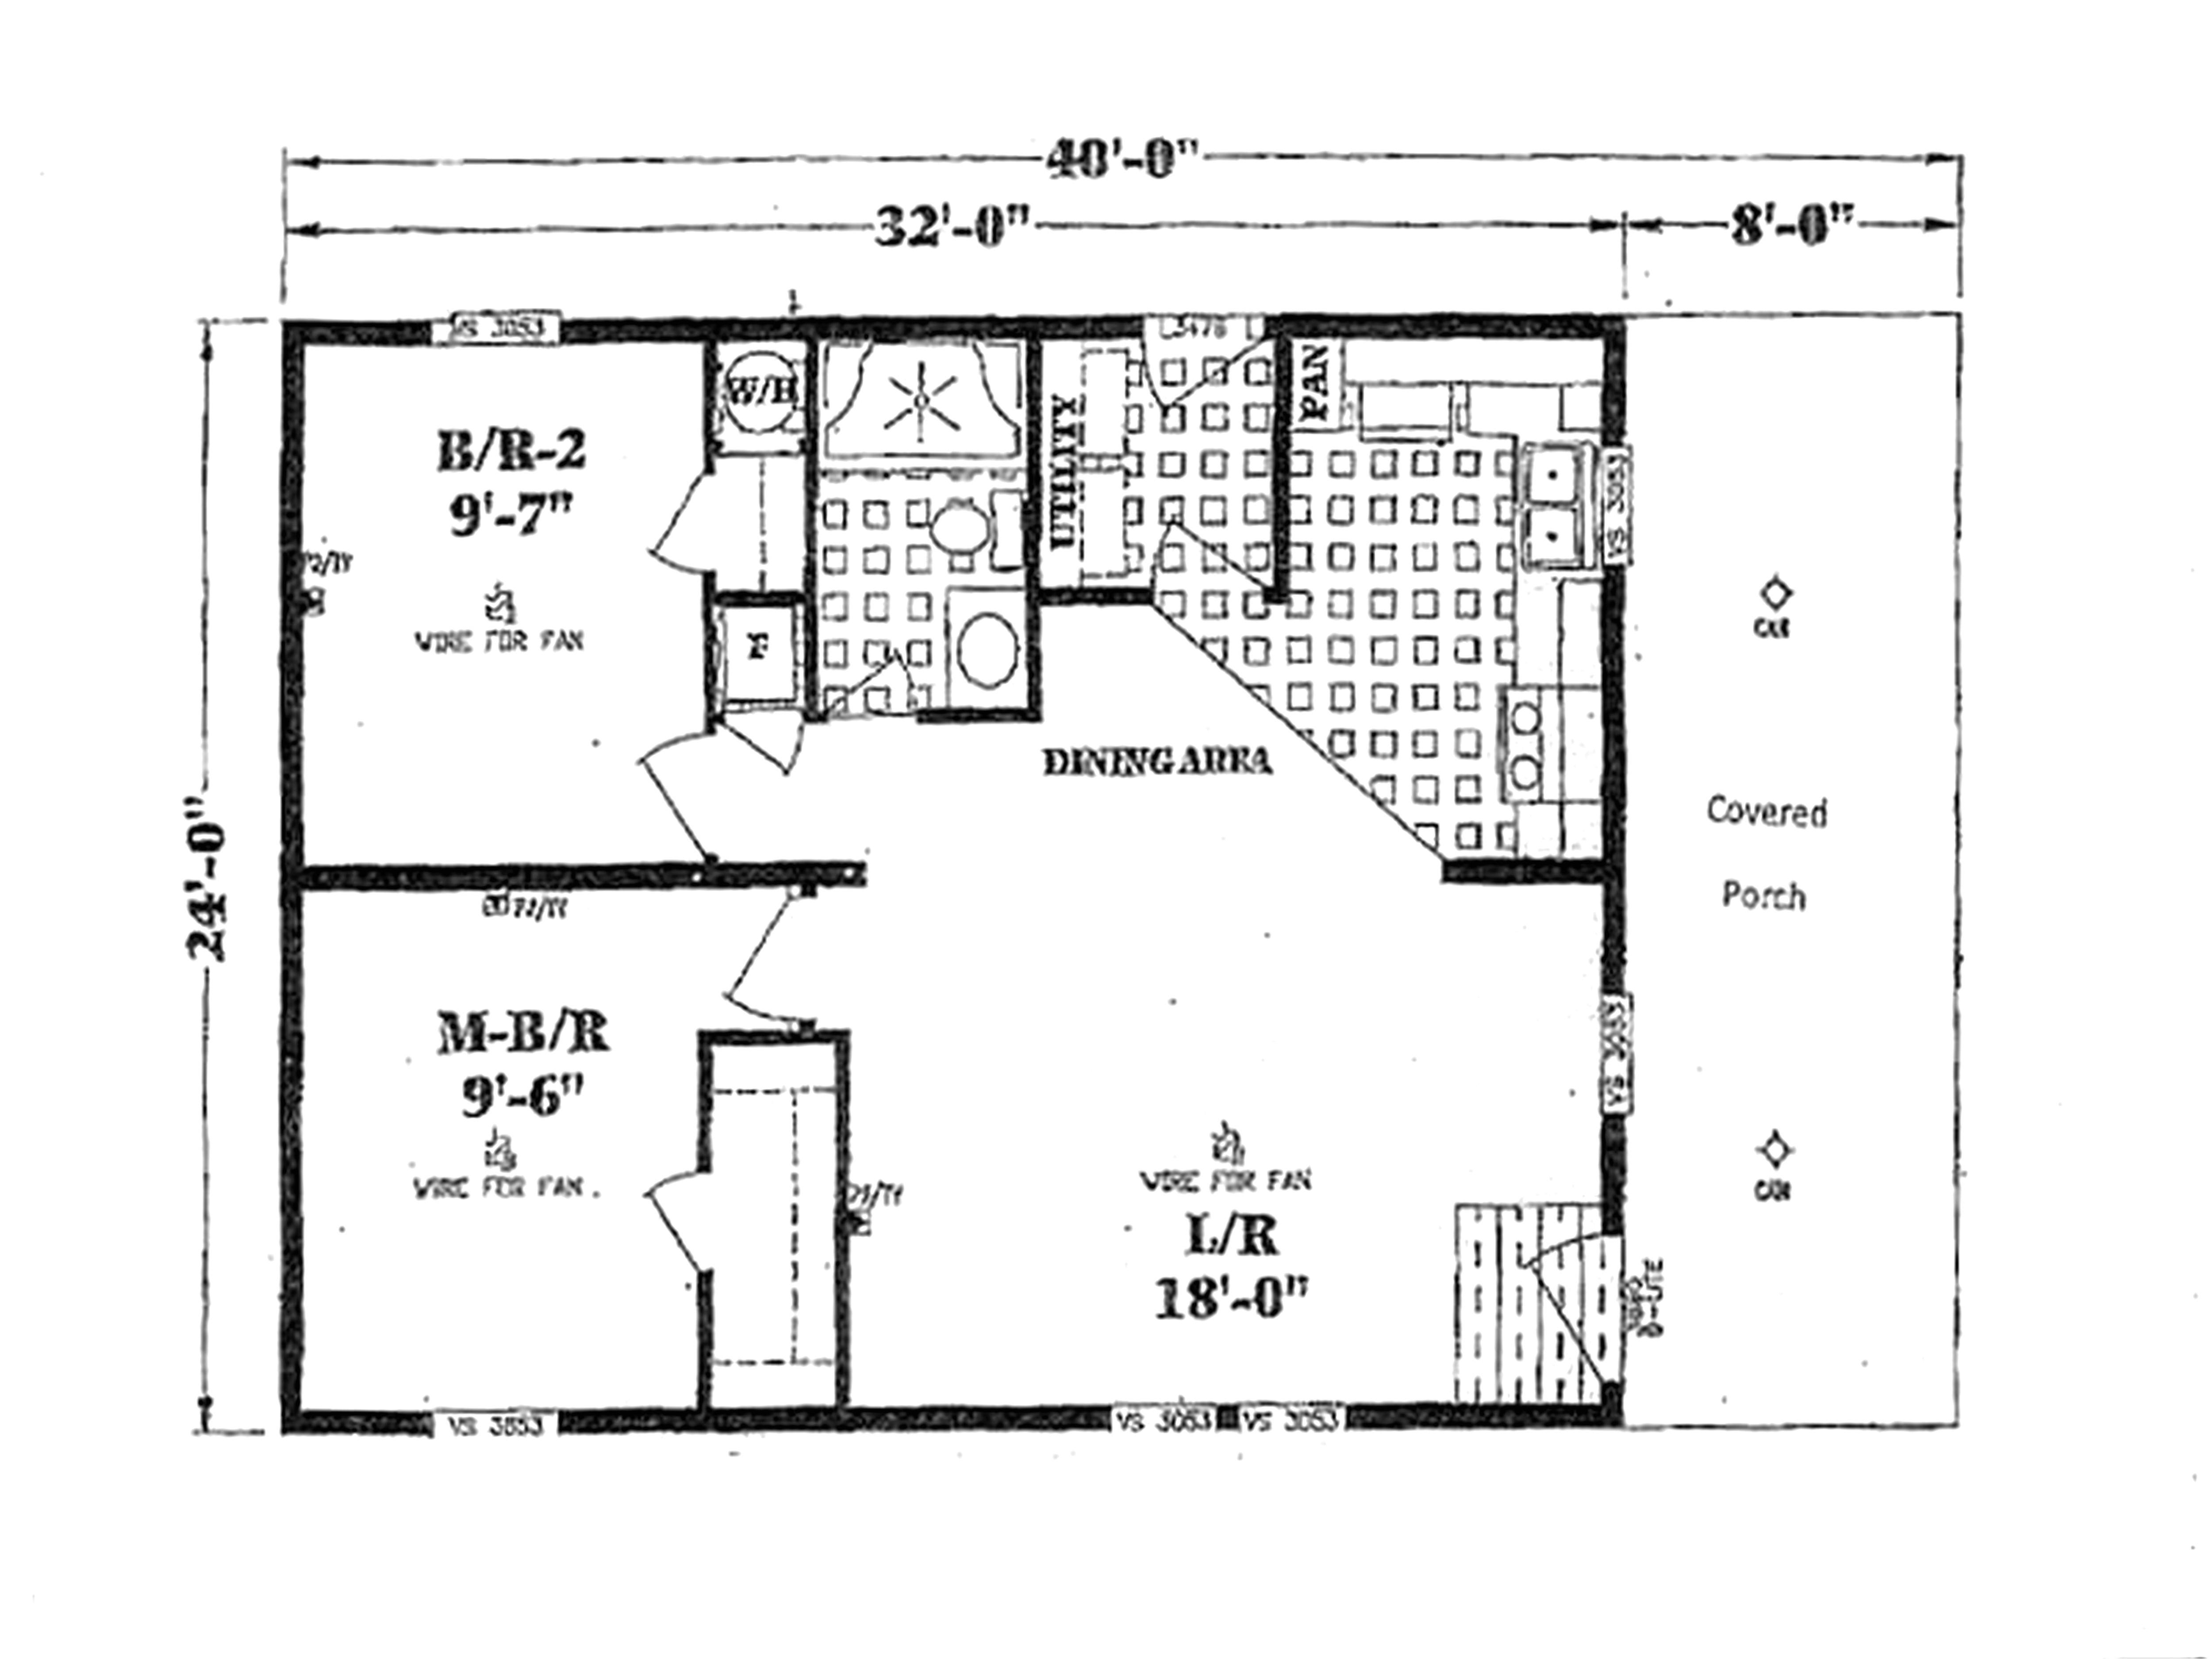 karsten homes floor plans lovely karsten homes floor plans awesome dome homes floor plans beautiful of